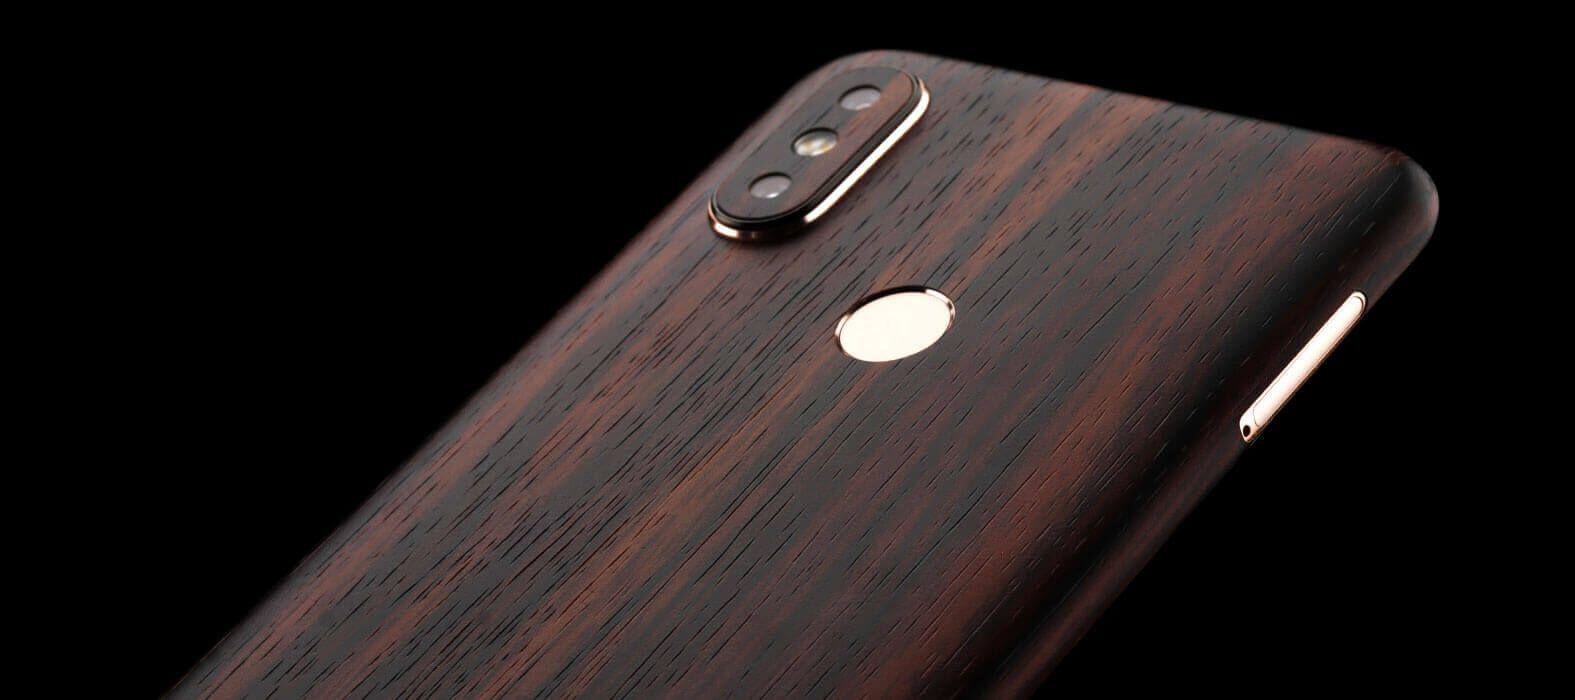 Xiaomi Mi A2 Skins, Wraps & Covers | Gadgetshieldz®